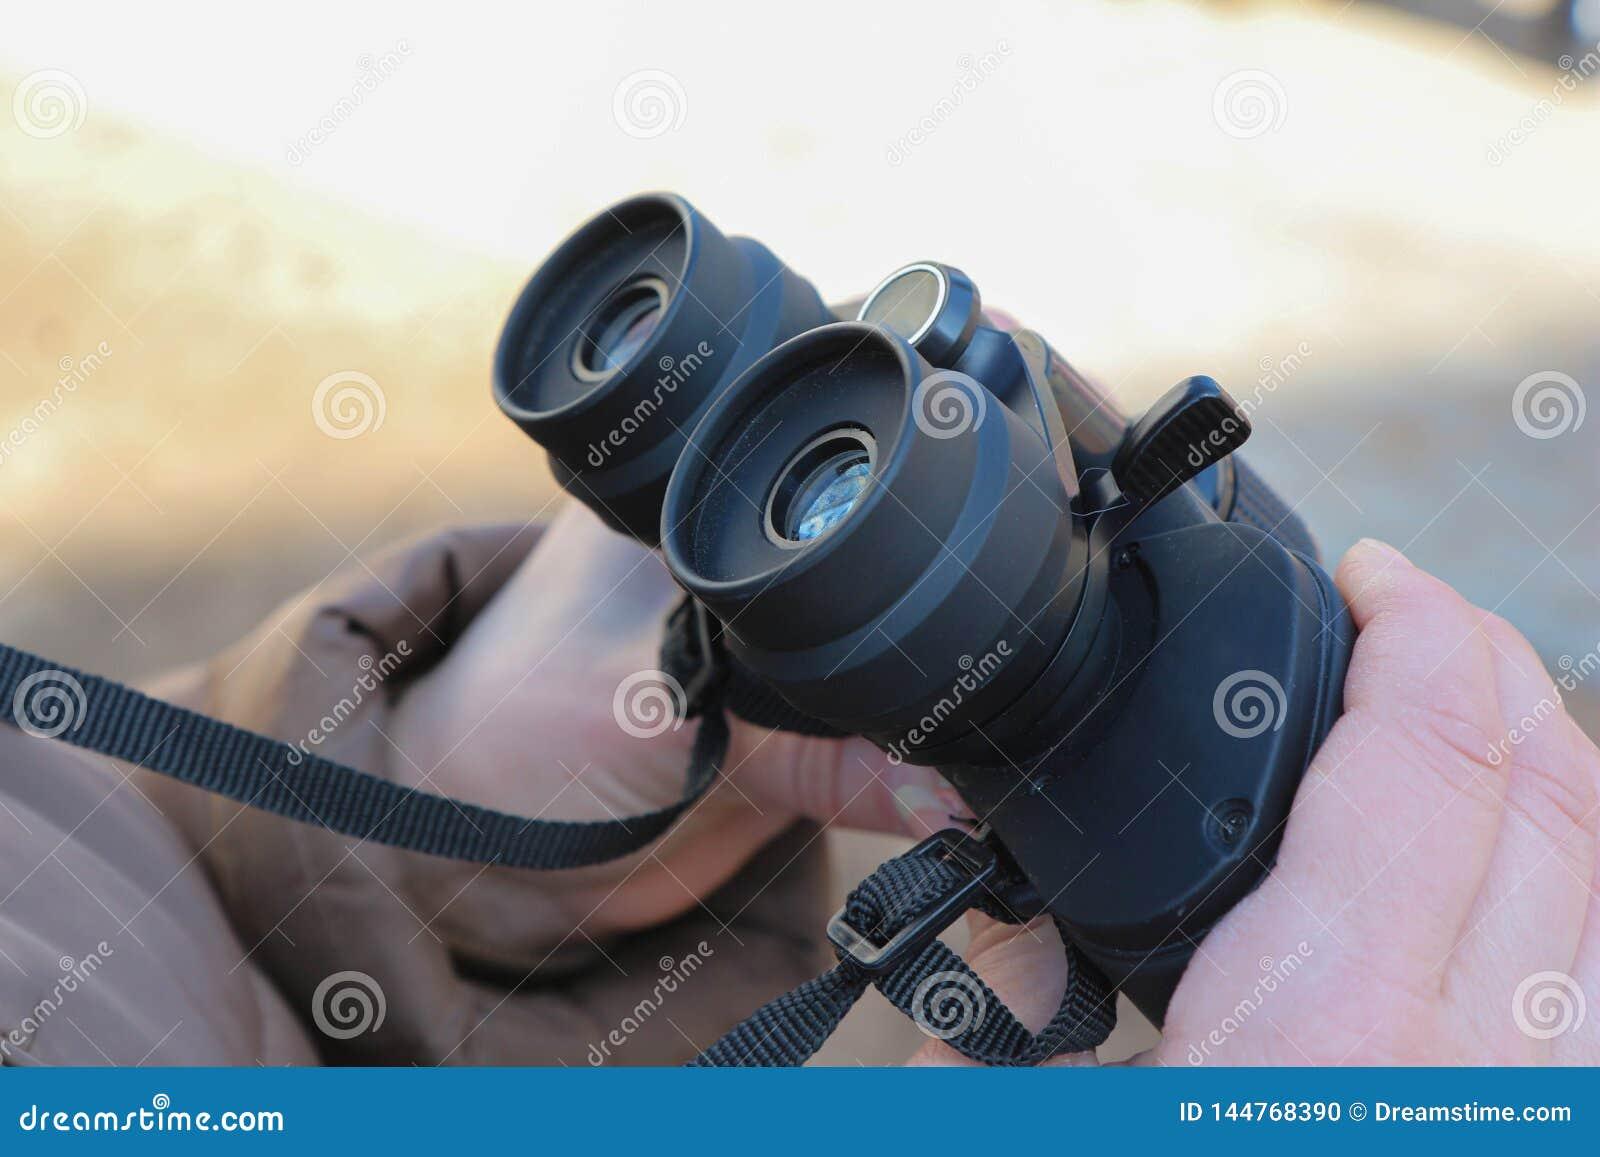 girl holding binoculars in her hands